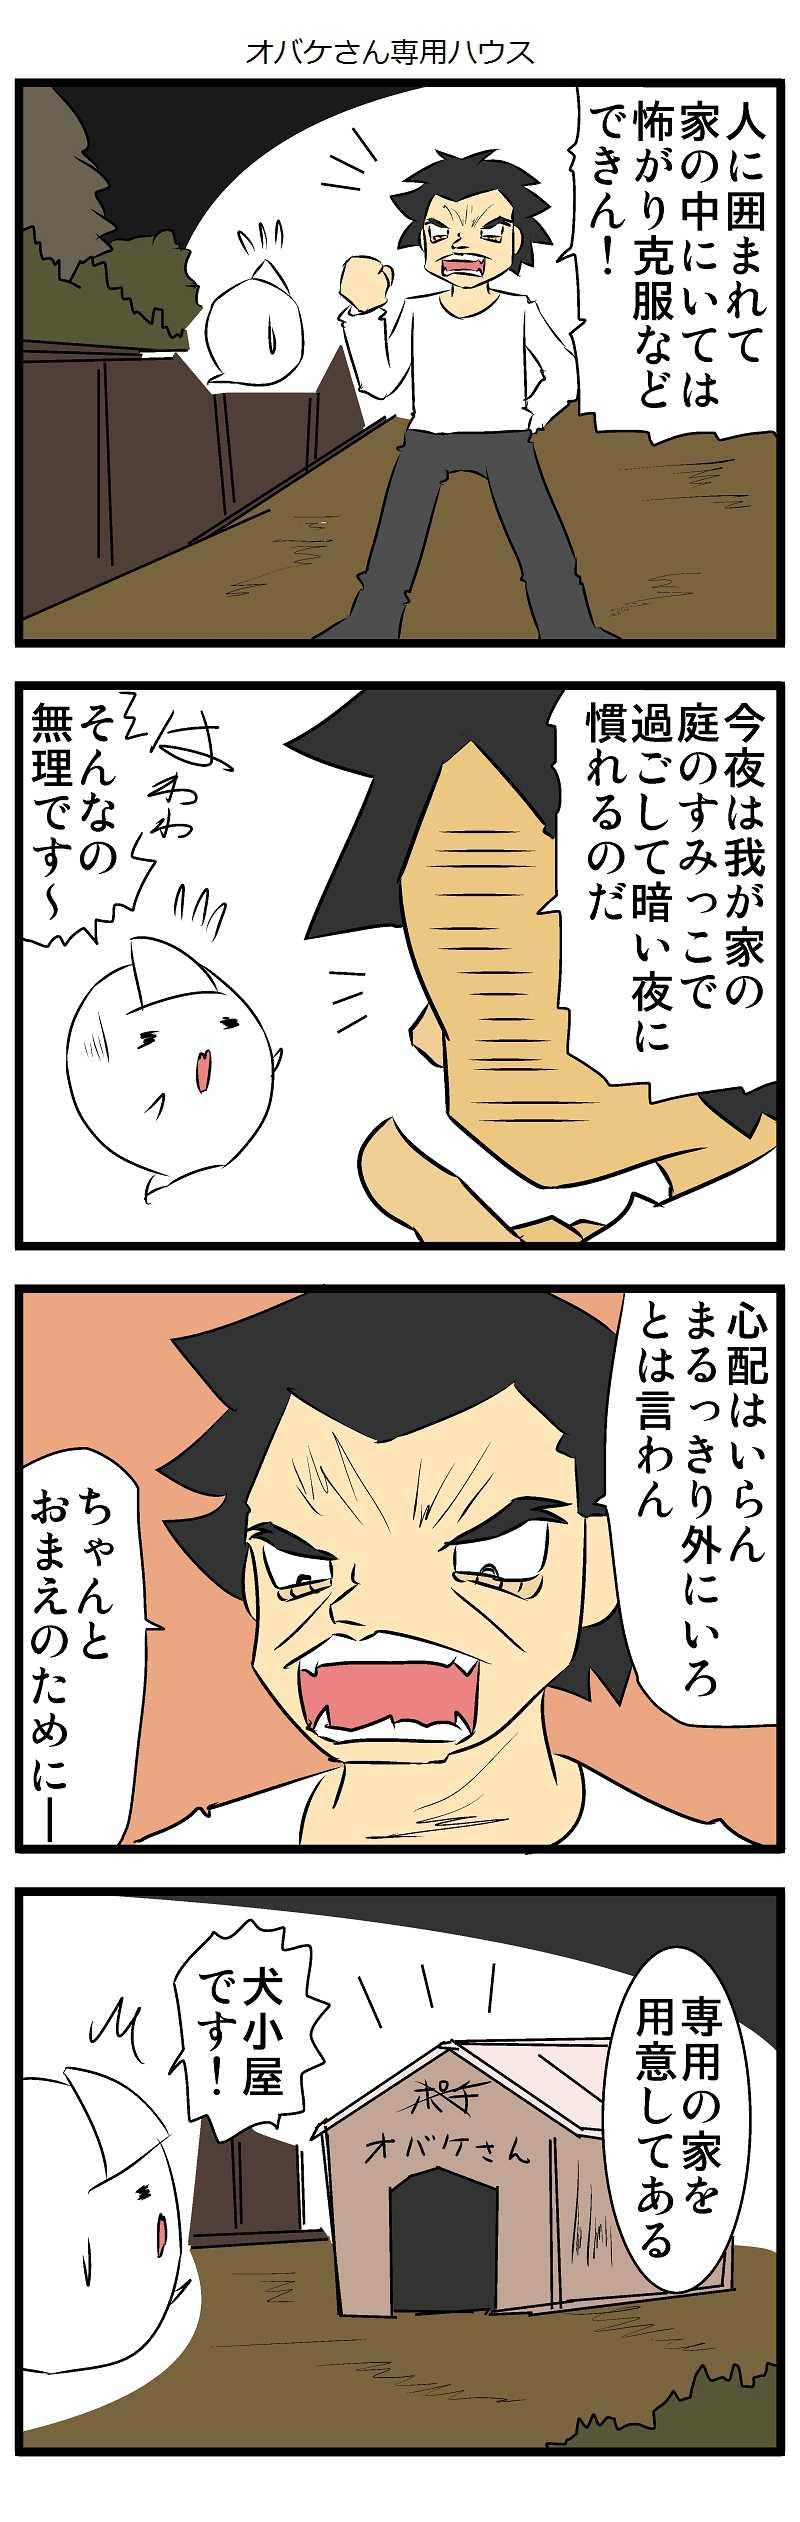 源さん特訓